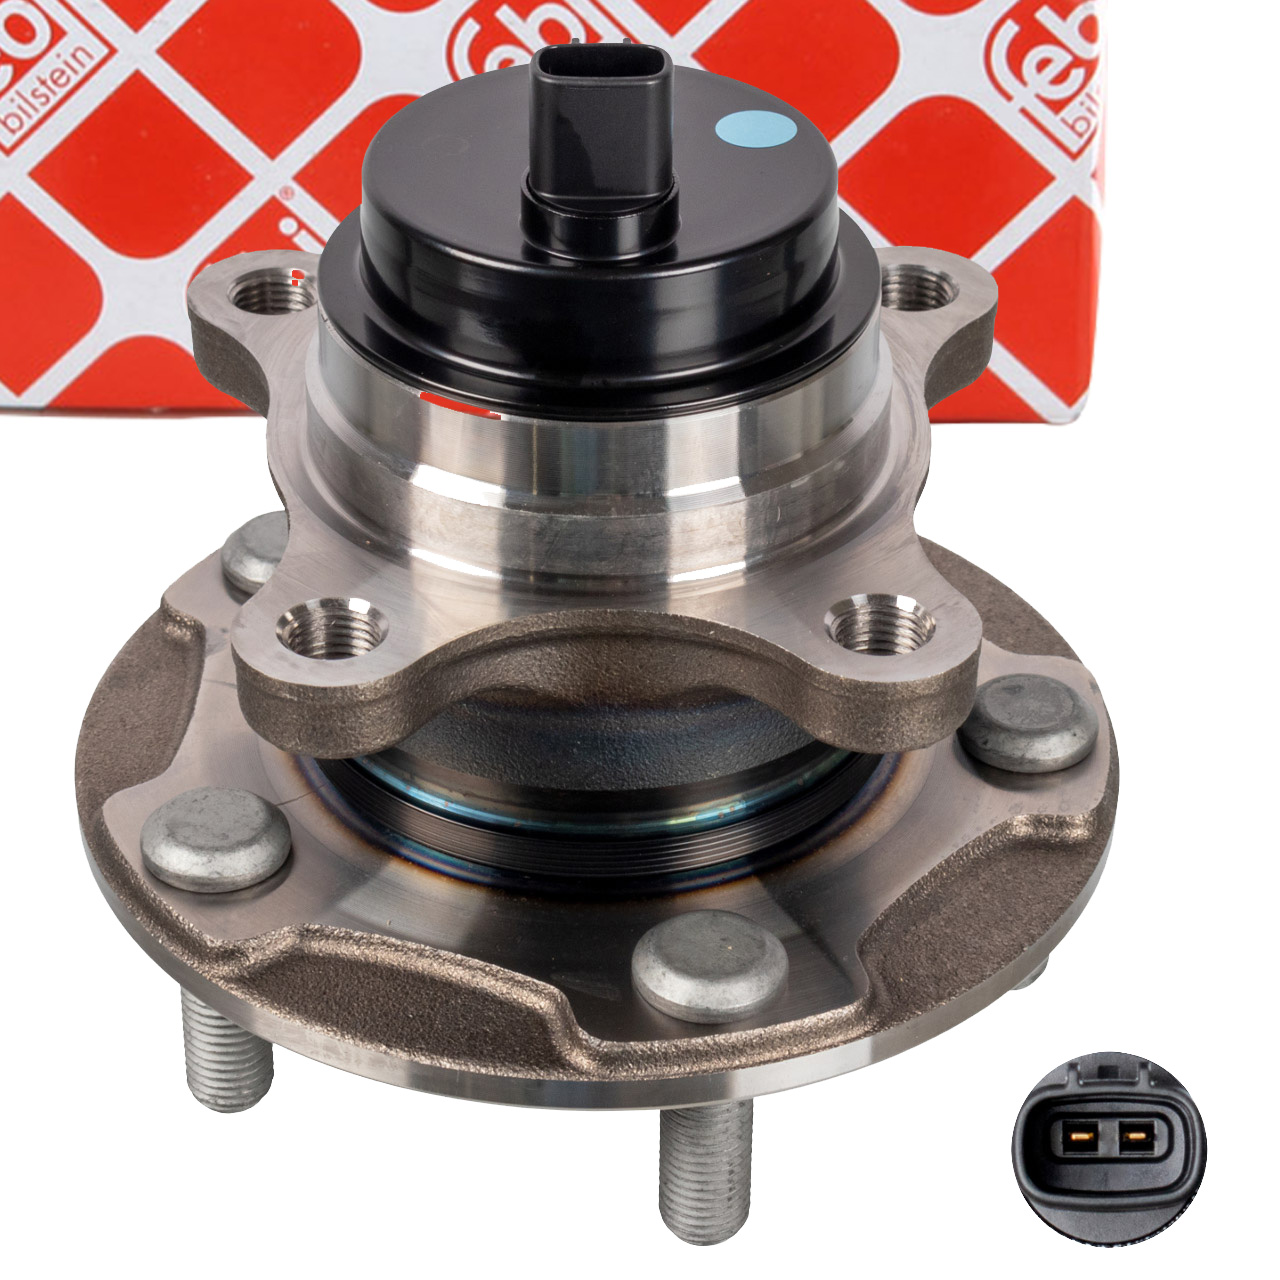 FEBI 107920 Radlagersatz Radnabe LEXUS IS 3 (E3) 200t / 250 / 300h vorne 43550-30071